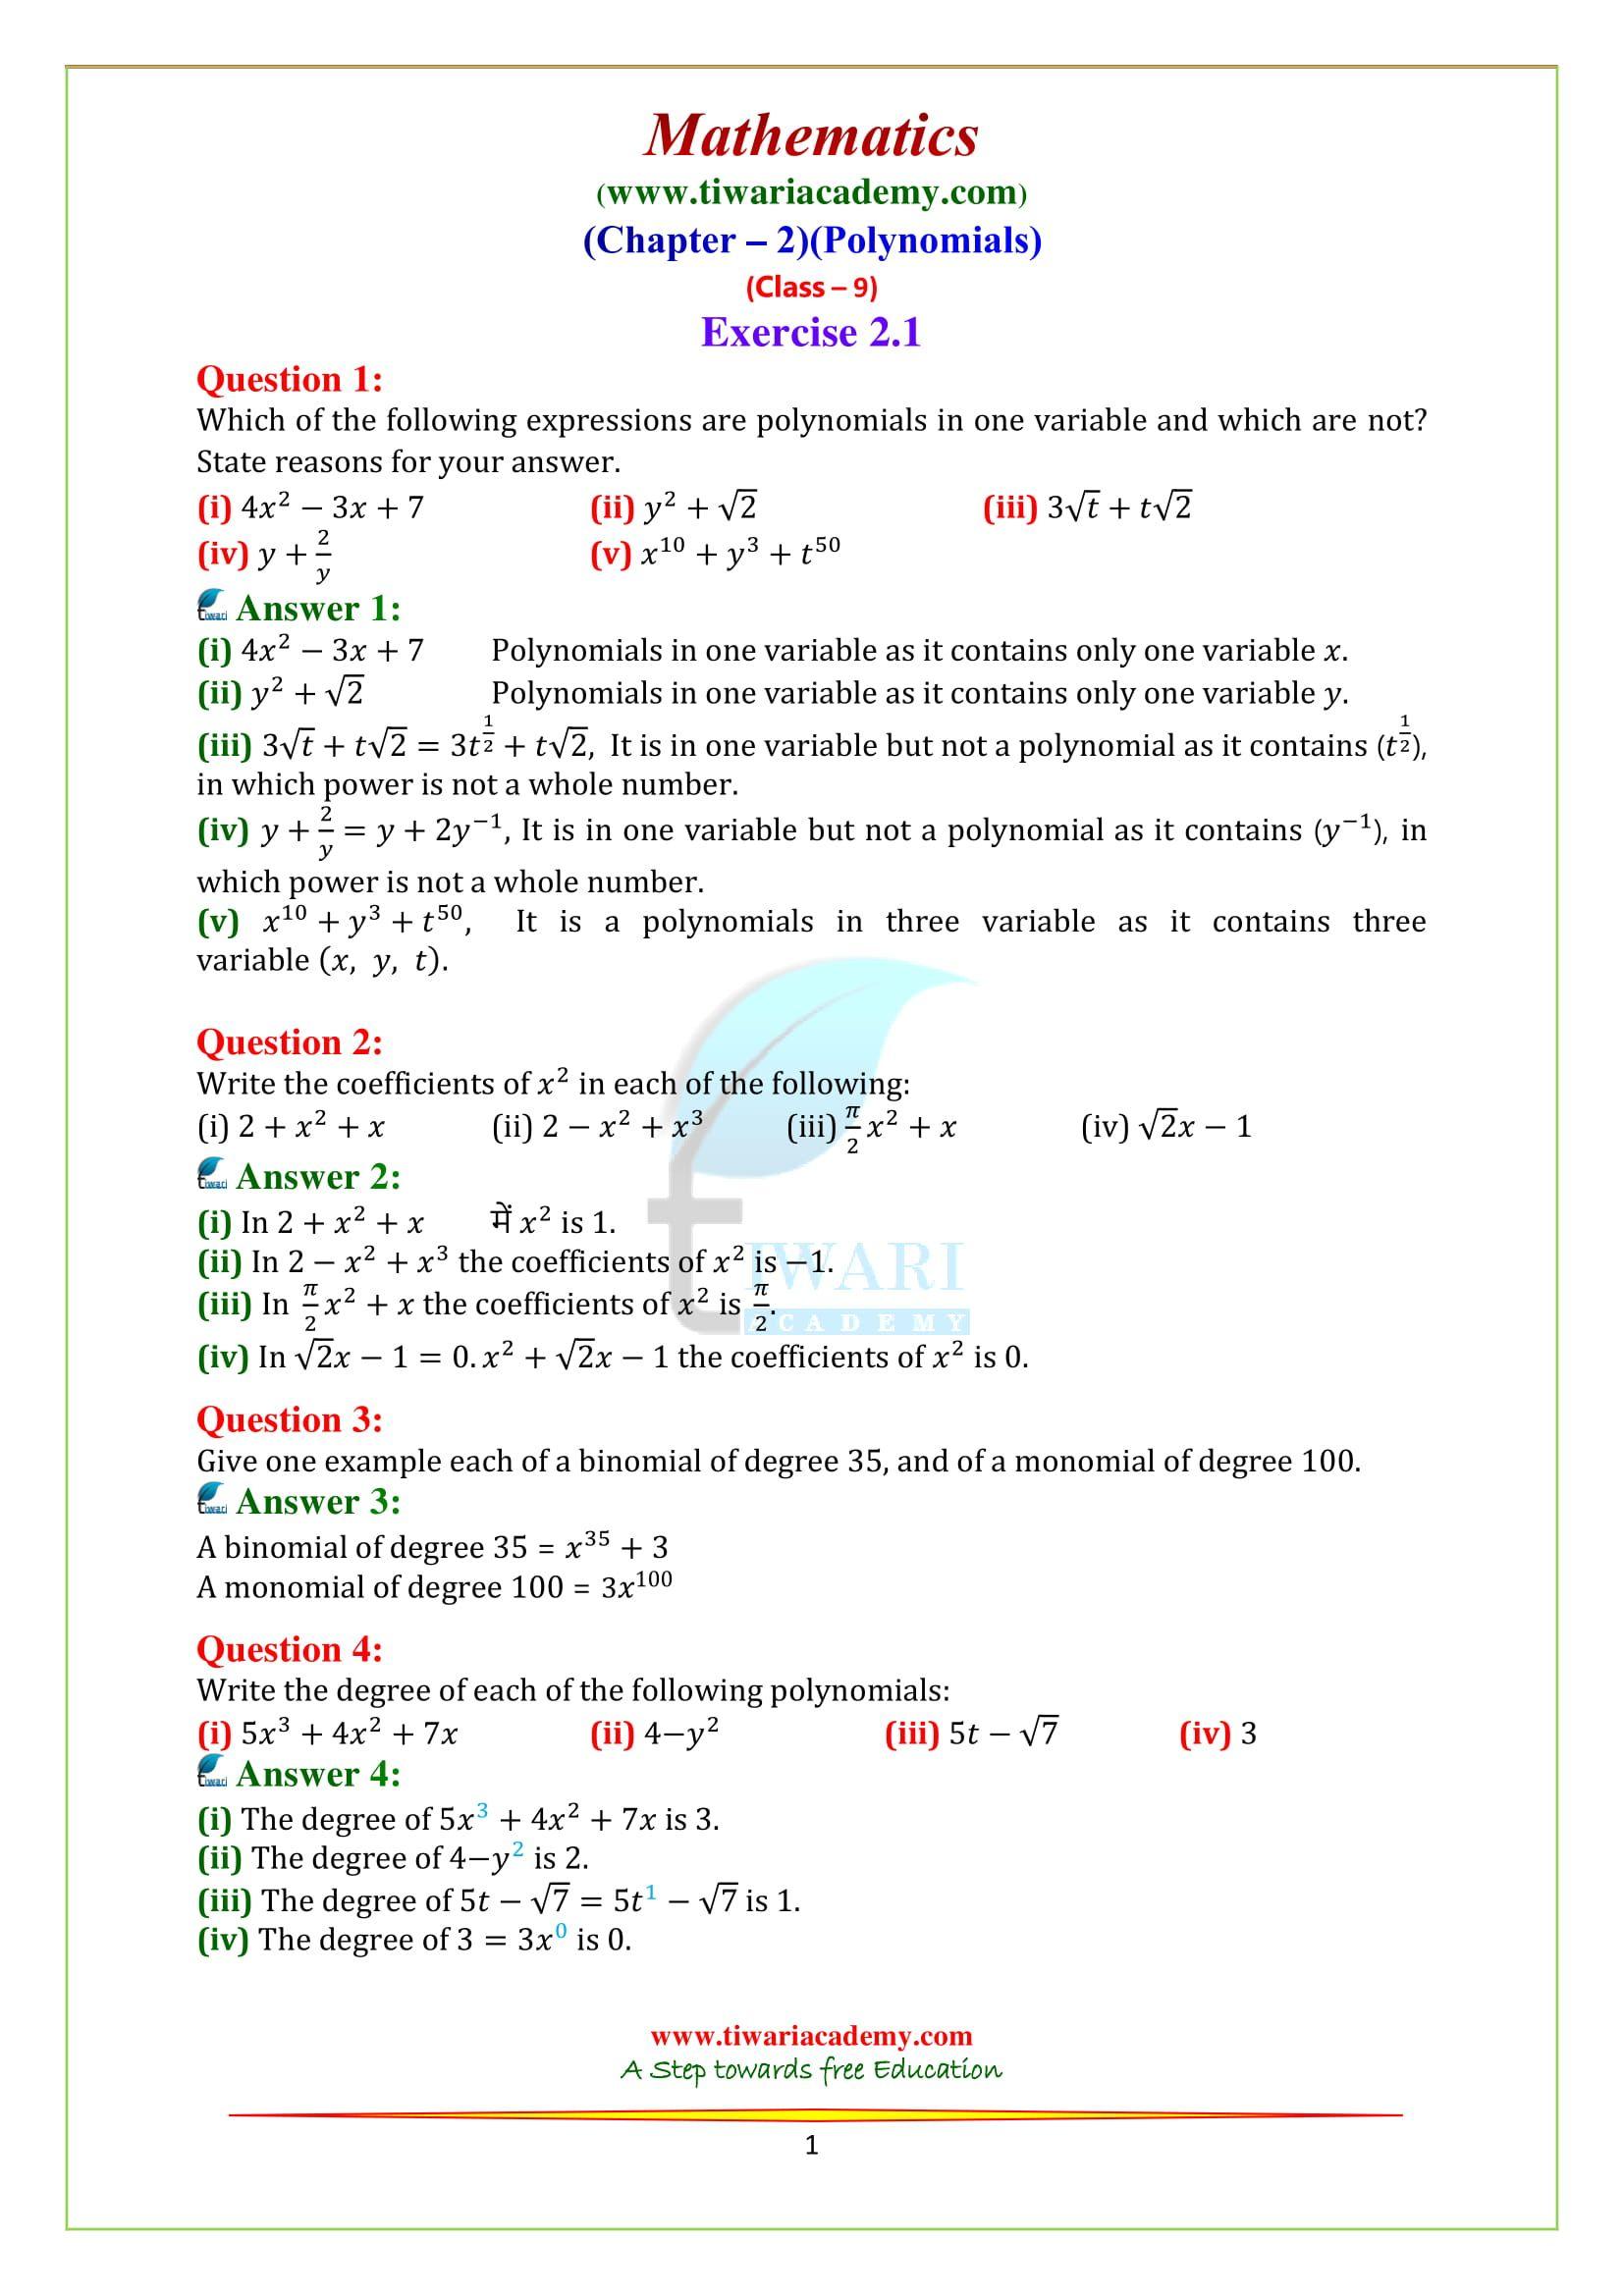 medium resolution of Class 9 Maths   Studying math